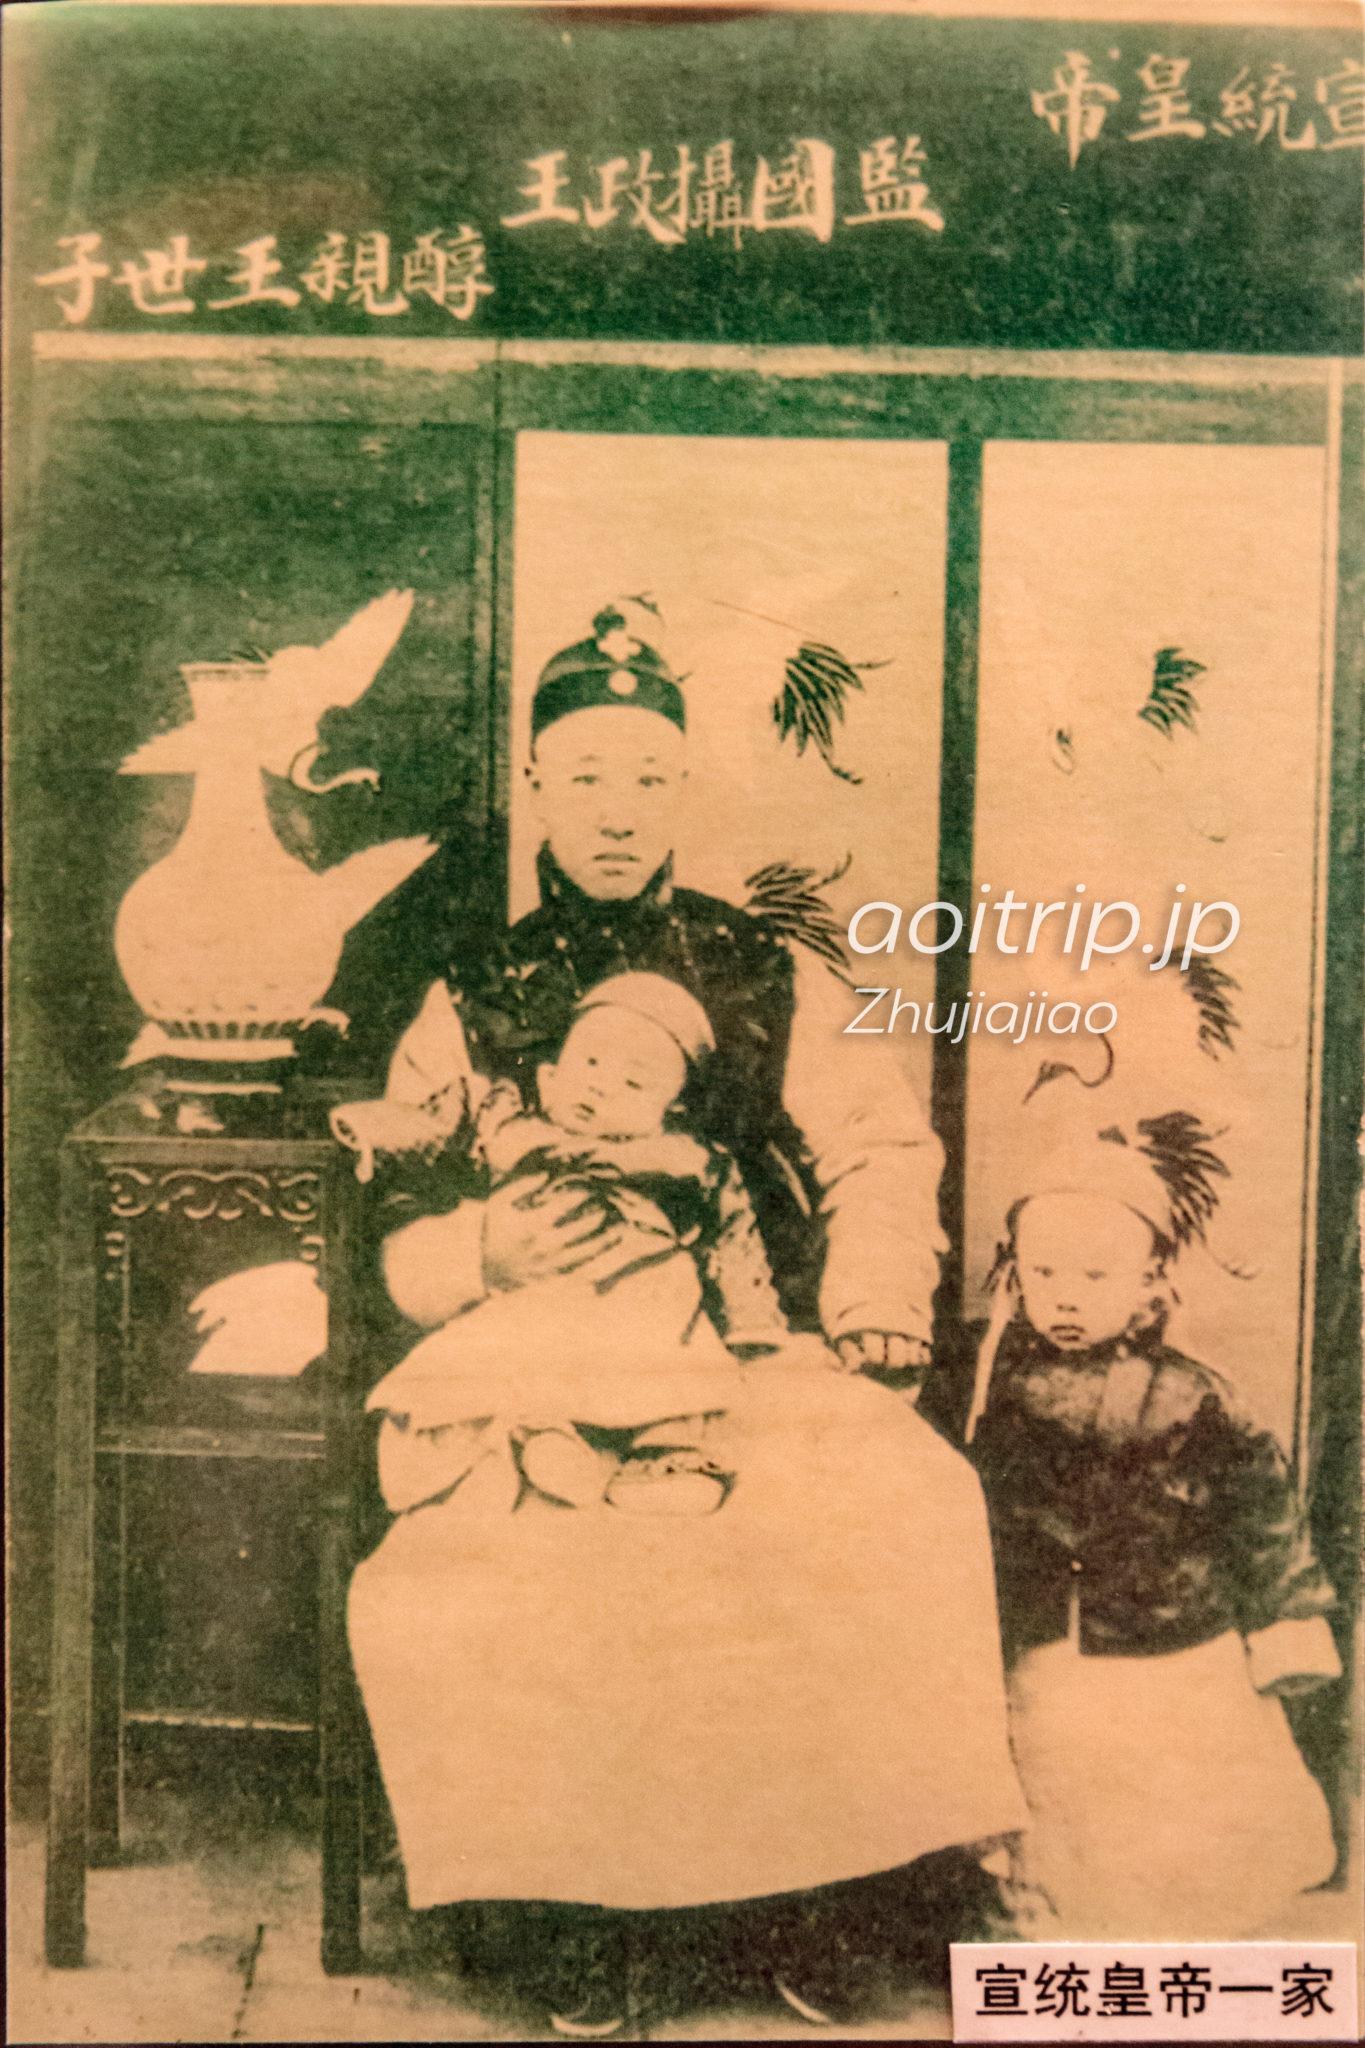 清朝のラストエンペラー、3才の宣統帝 愛新覚羅溥儀(右)と、父親の愛新覚羅載灃(中央)、溥儀の弟、愛新覚羅溥傑(中央)のポストカード